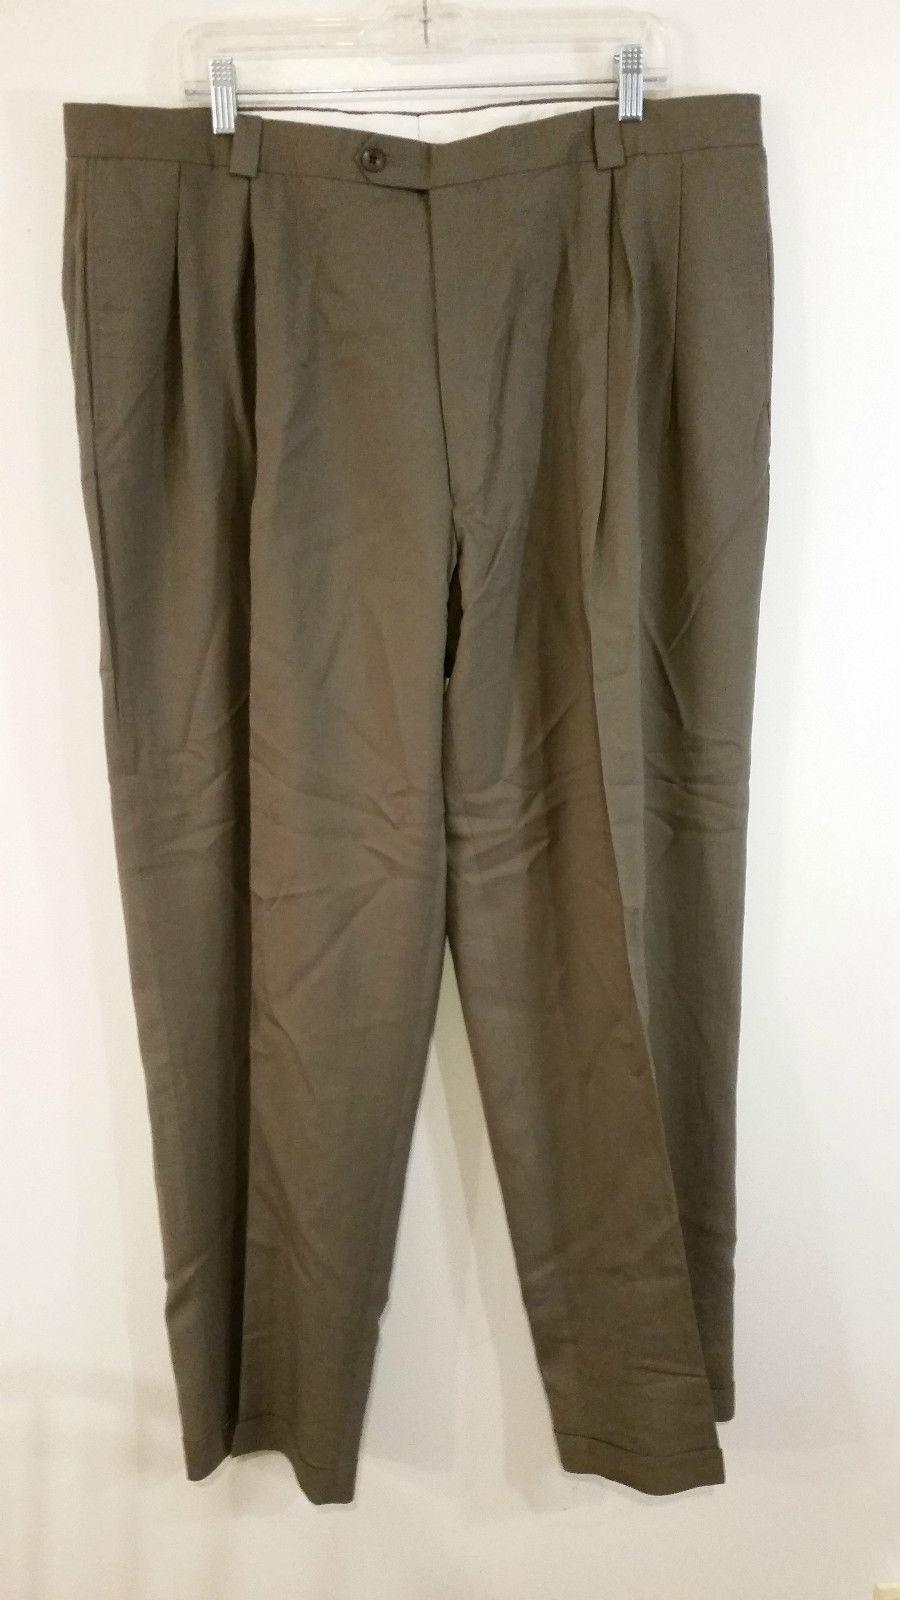 FUBU Dark Beige 100 Percent Wool Dress Pants Pleated Front Size 40W x 32L